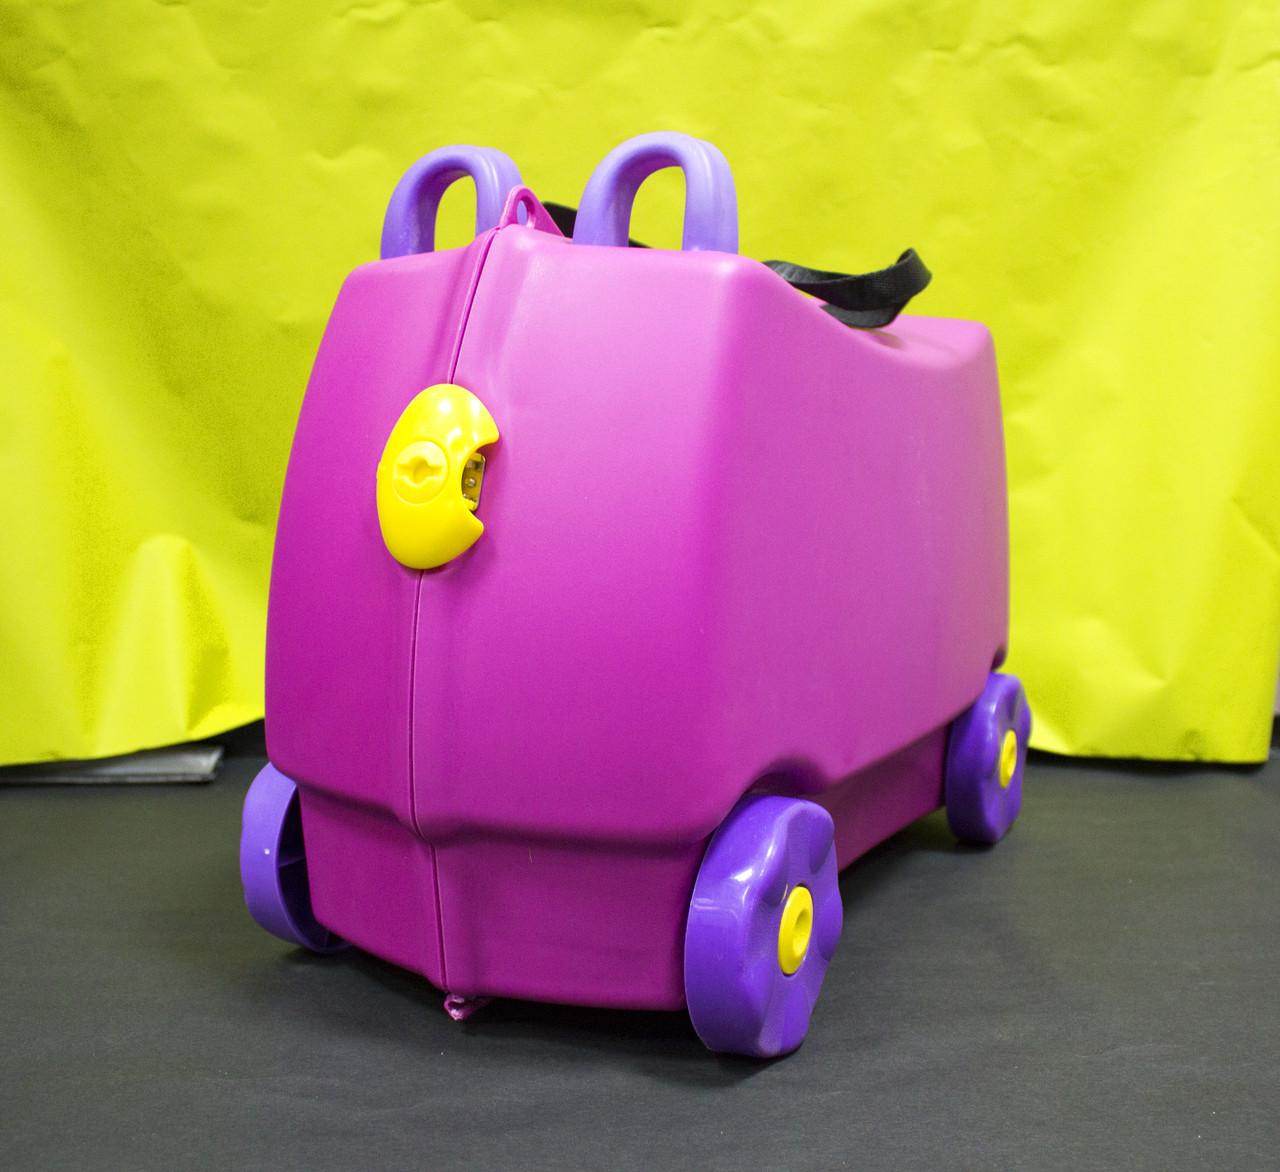 Детский Чемодан на 4 колесиках Trunki / Транки темно-фиолетовый цвет на 18 л. + Подарок